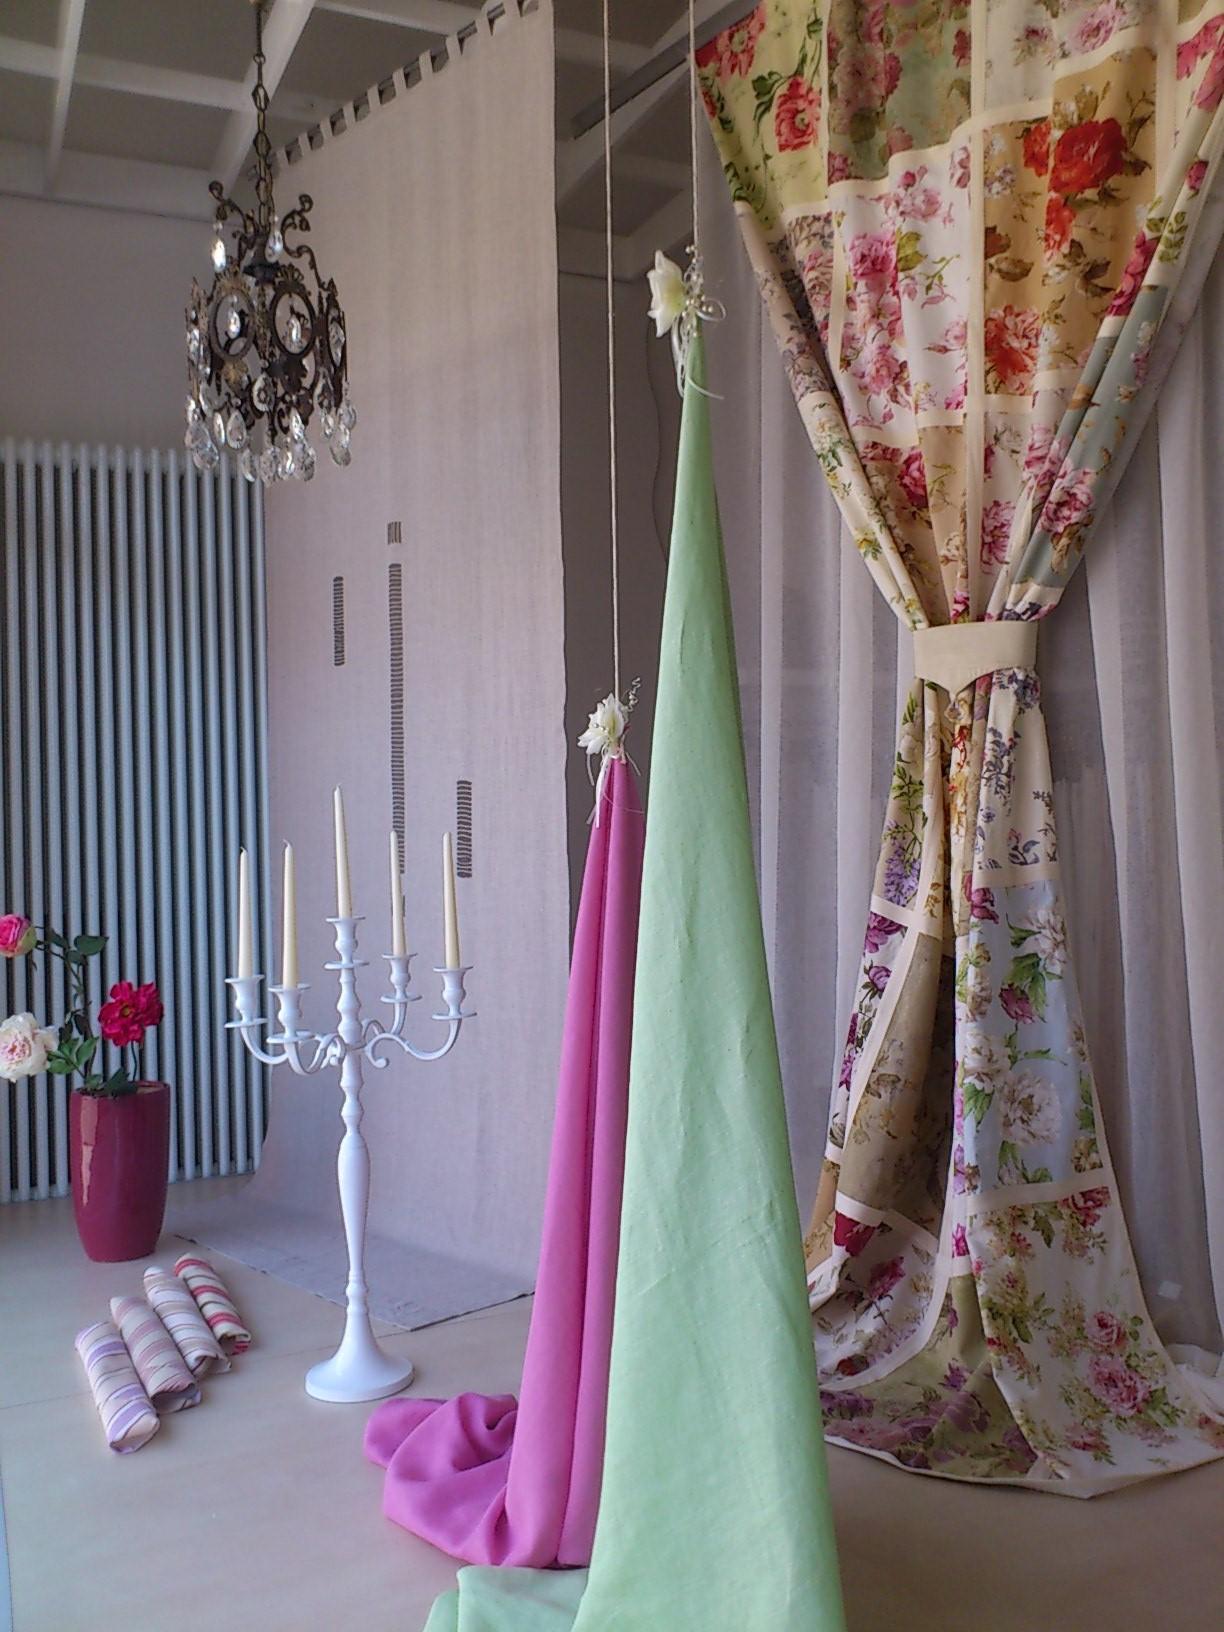 Ingrosso Tappeti San Giuseppe Vesuviano accessori per tende - tutte le offerte : cascare a fagiolo